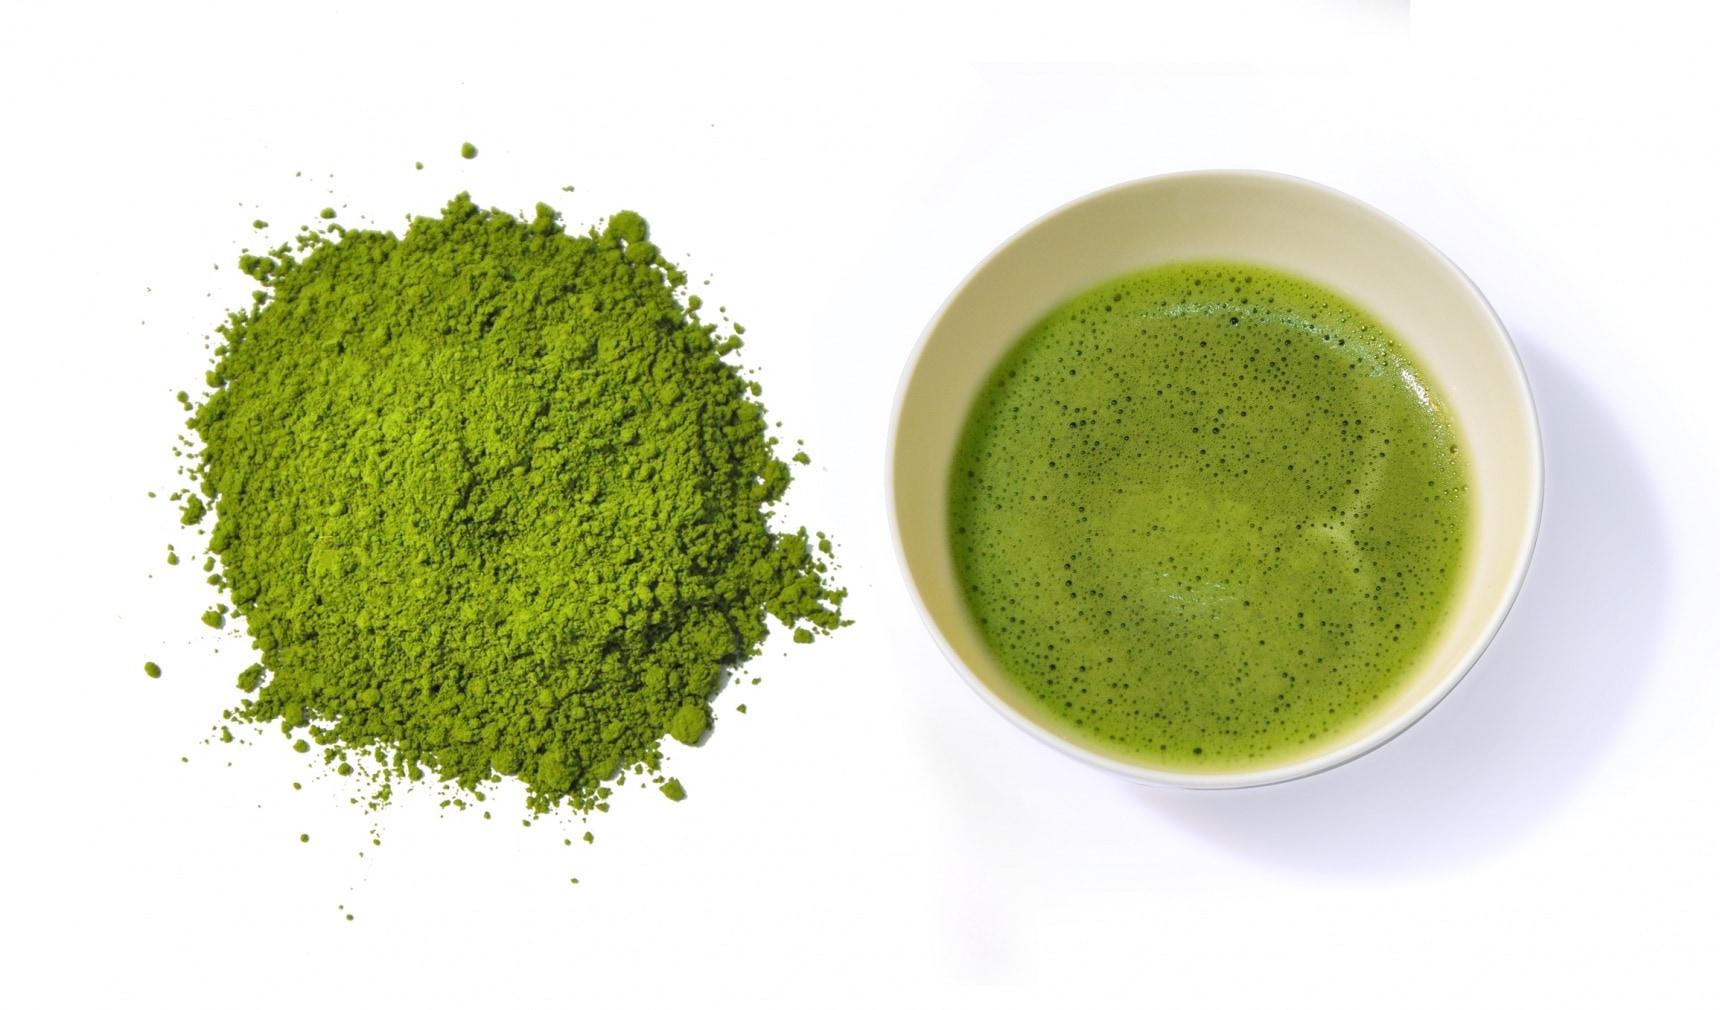 茶之味 | 抹茶还是煎茶?日本悠悠然生活中的茶滋味